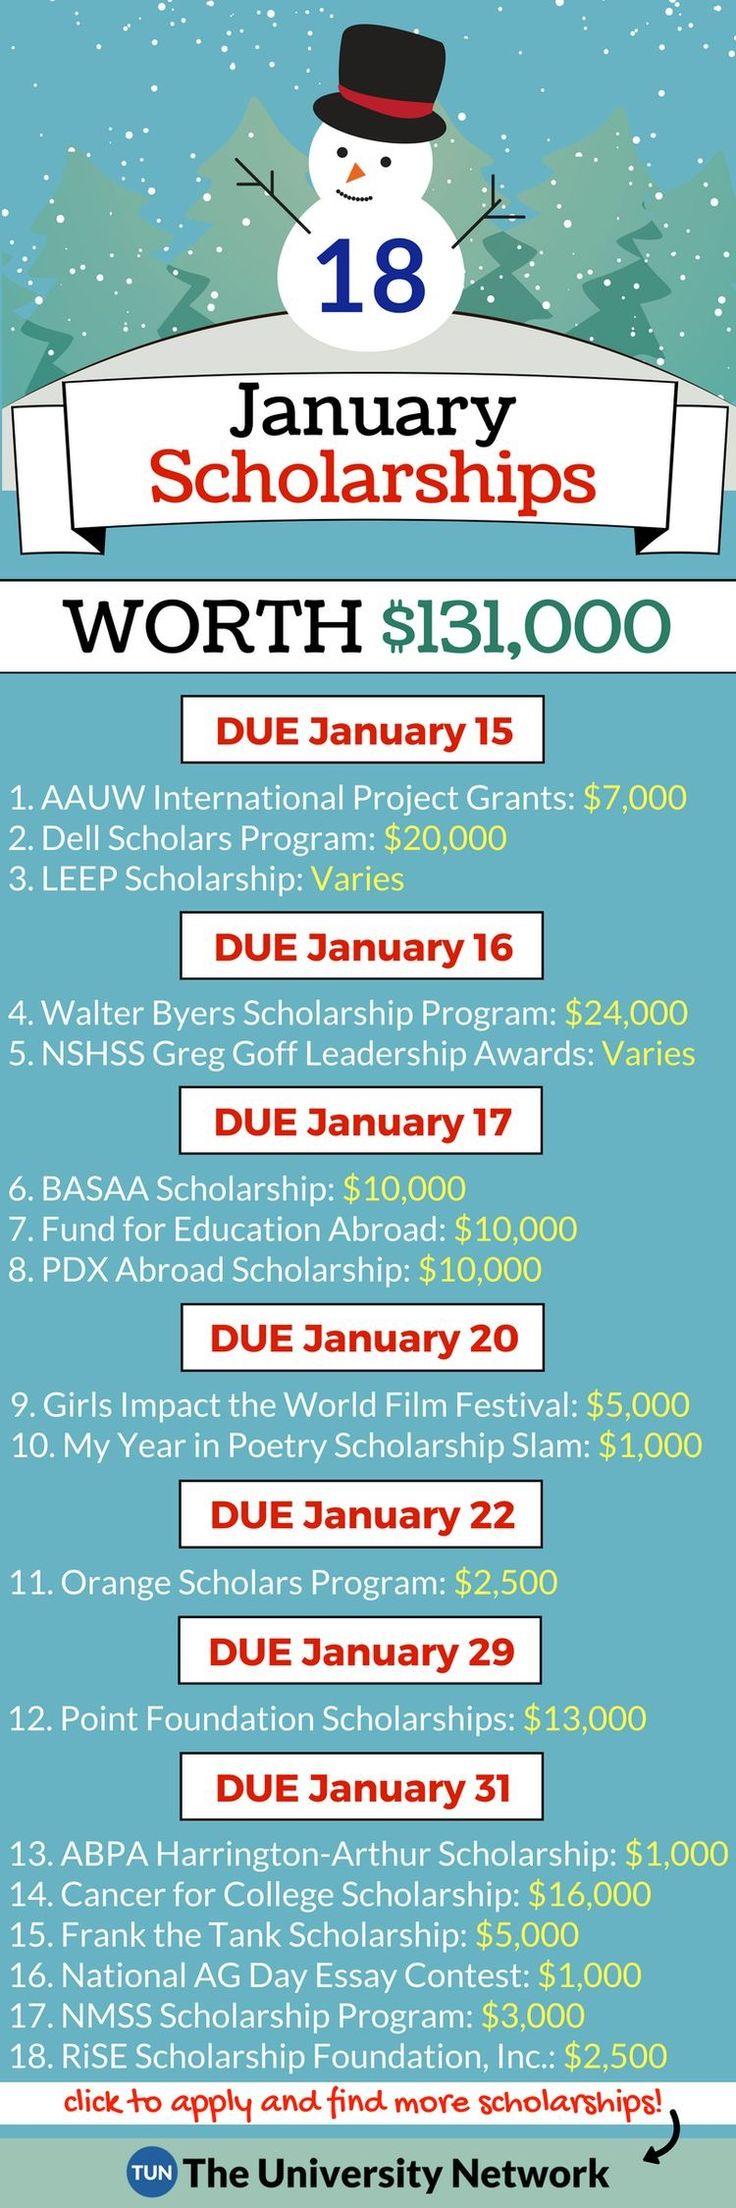 January scholarships